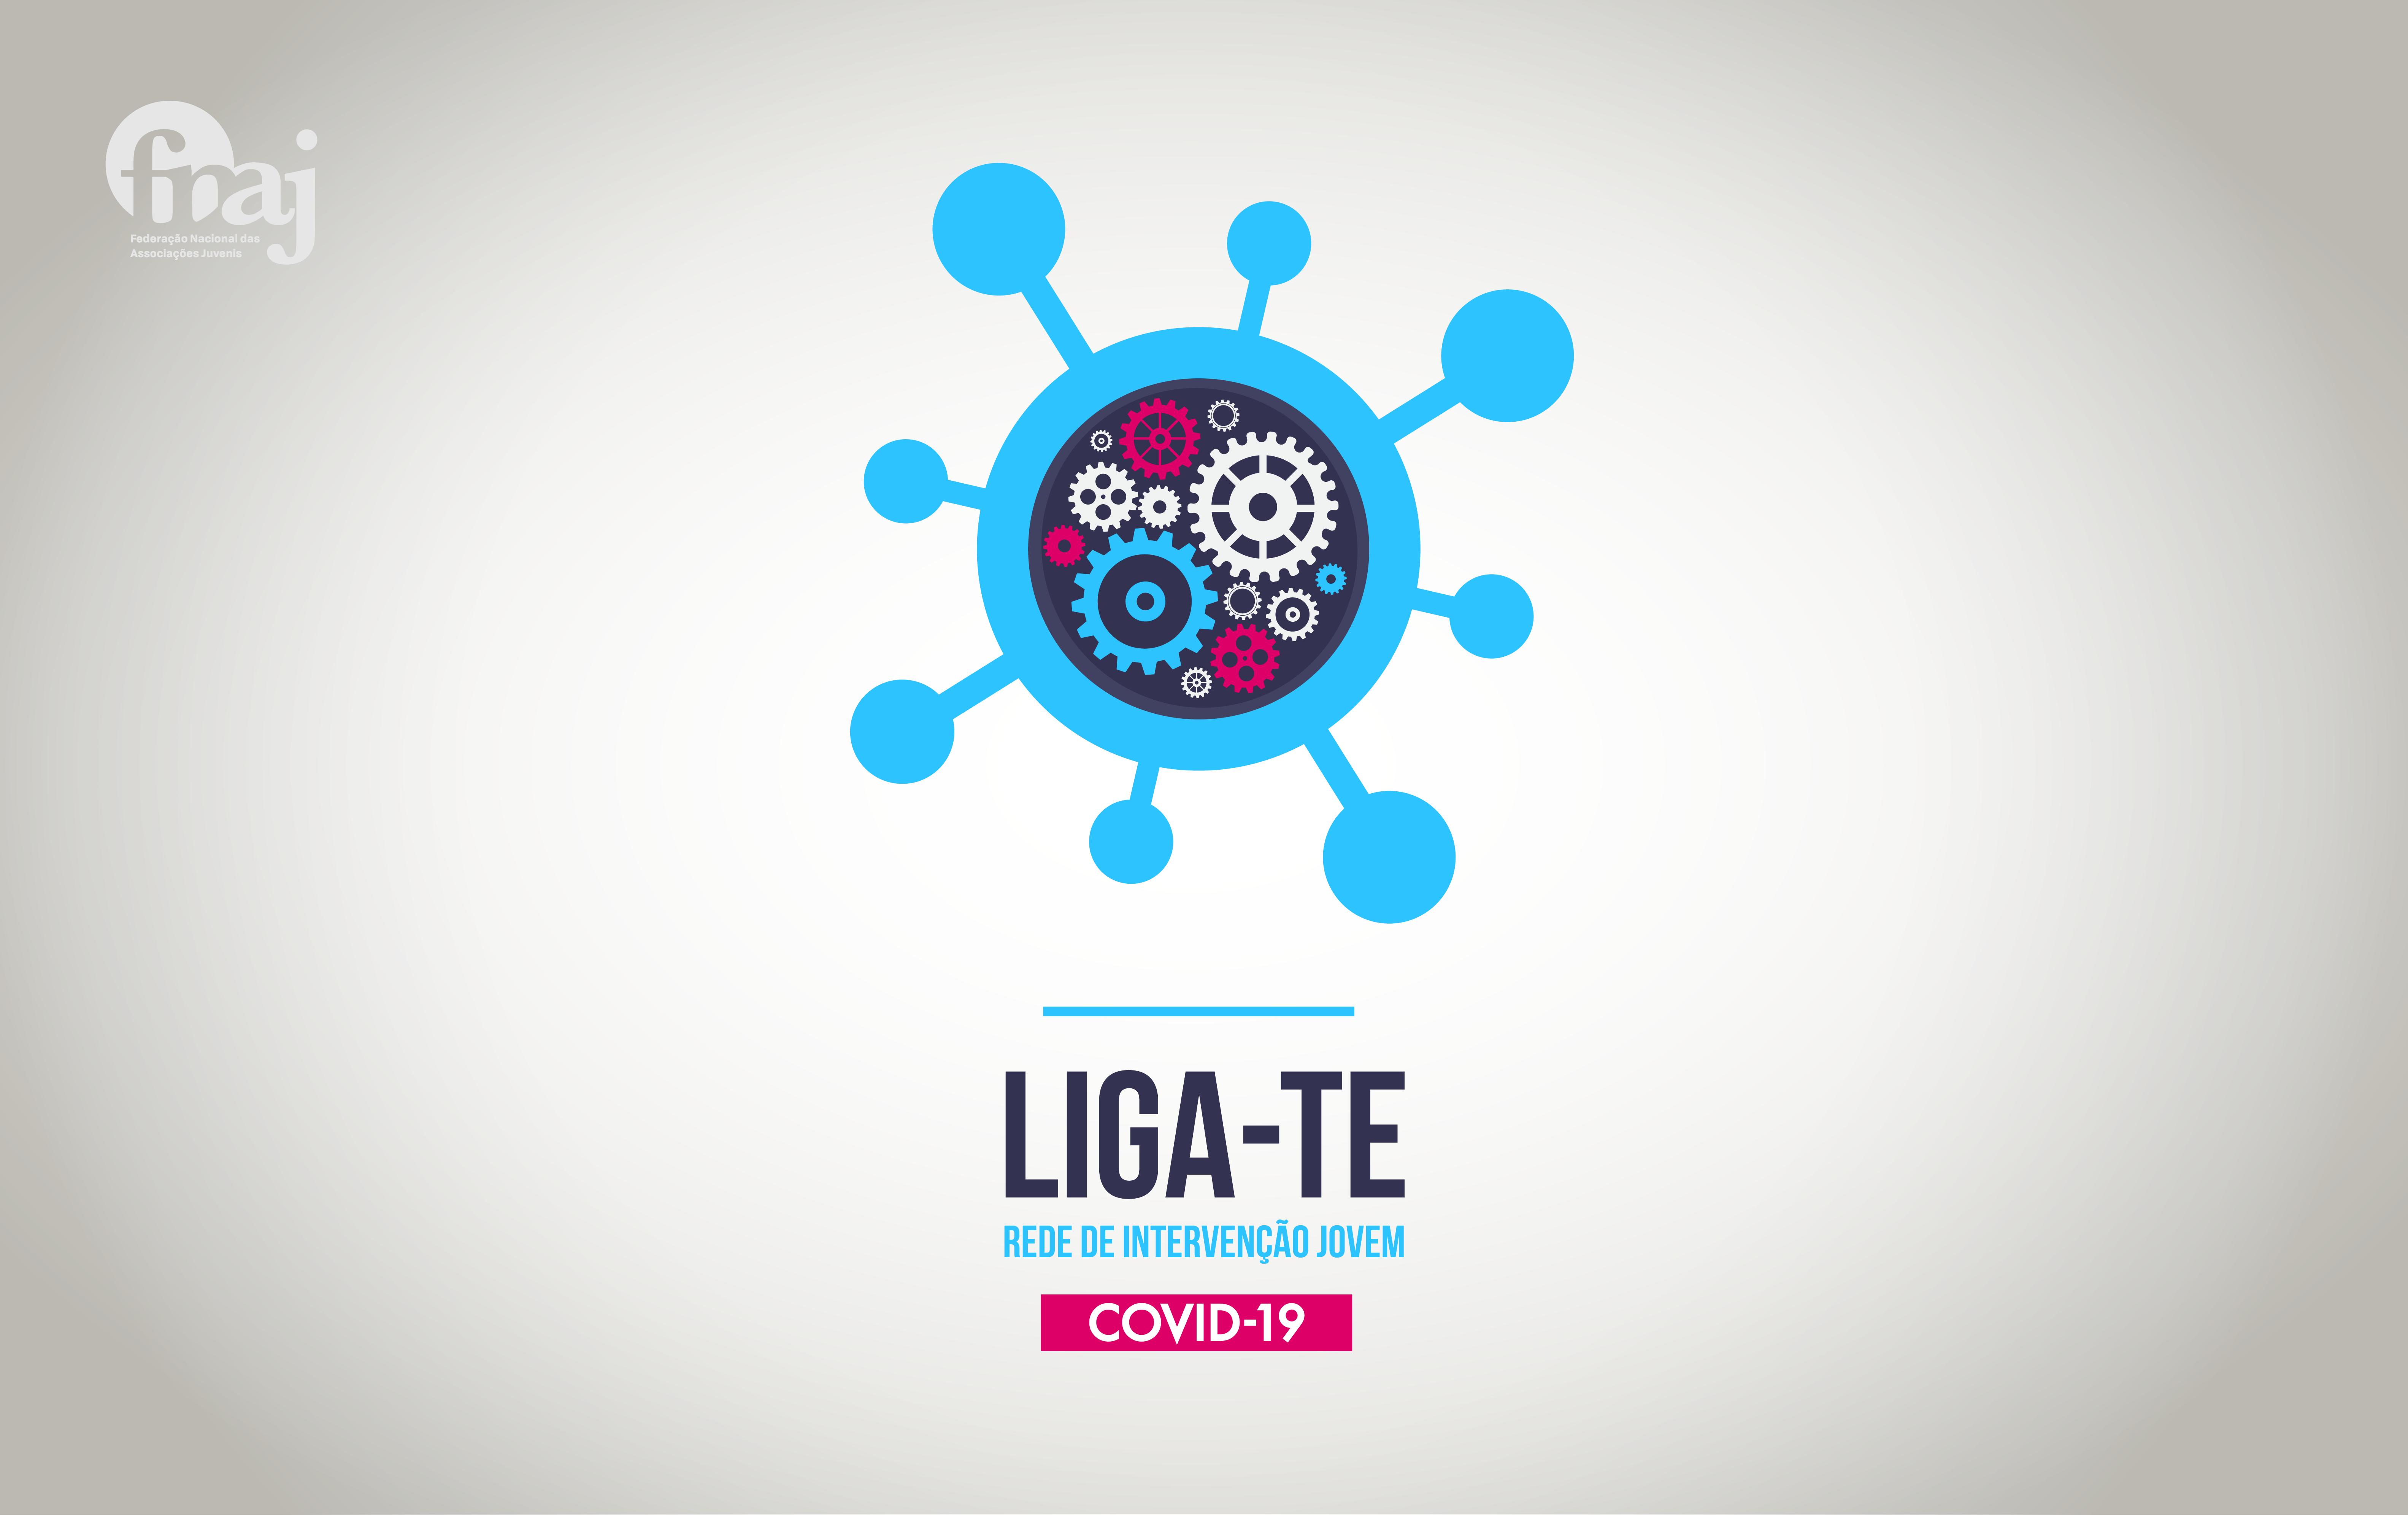 LIGA-TE   Plataforma inovadora estimula o trabalho associativo juvenil em contexto de isolamento social